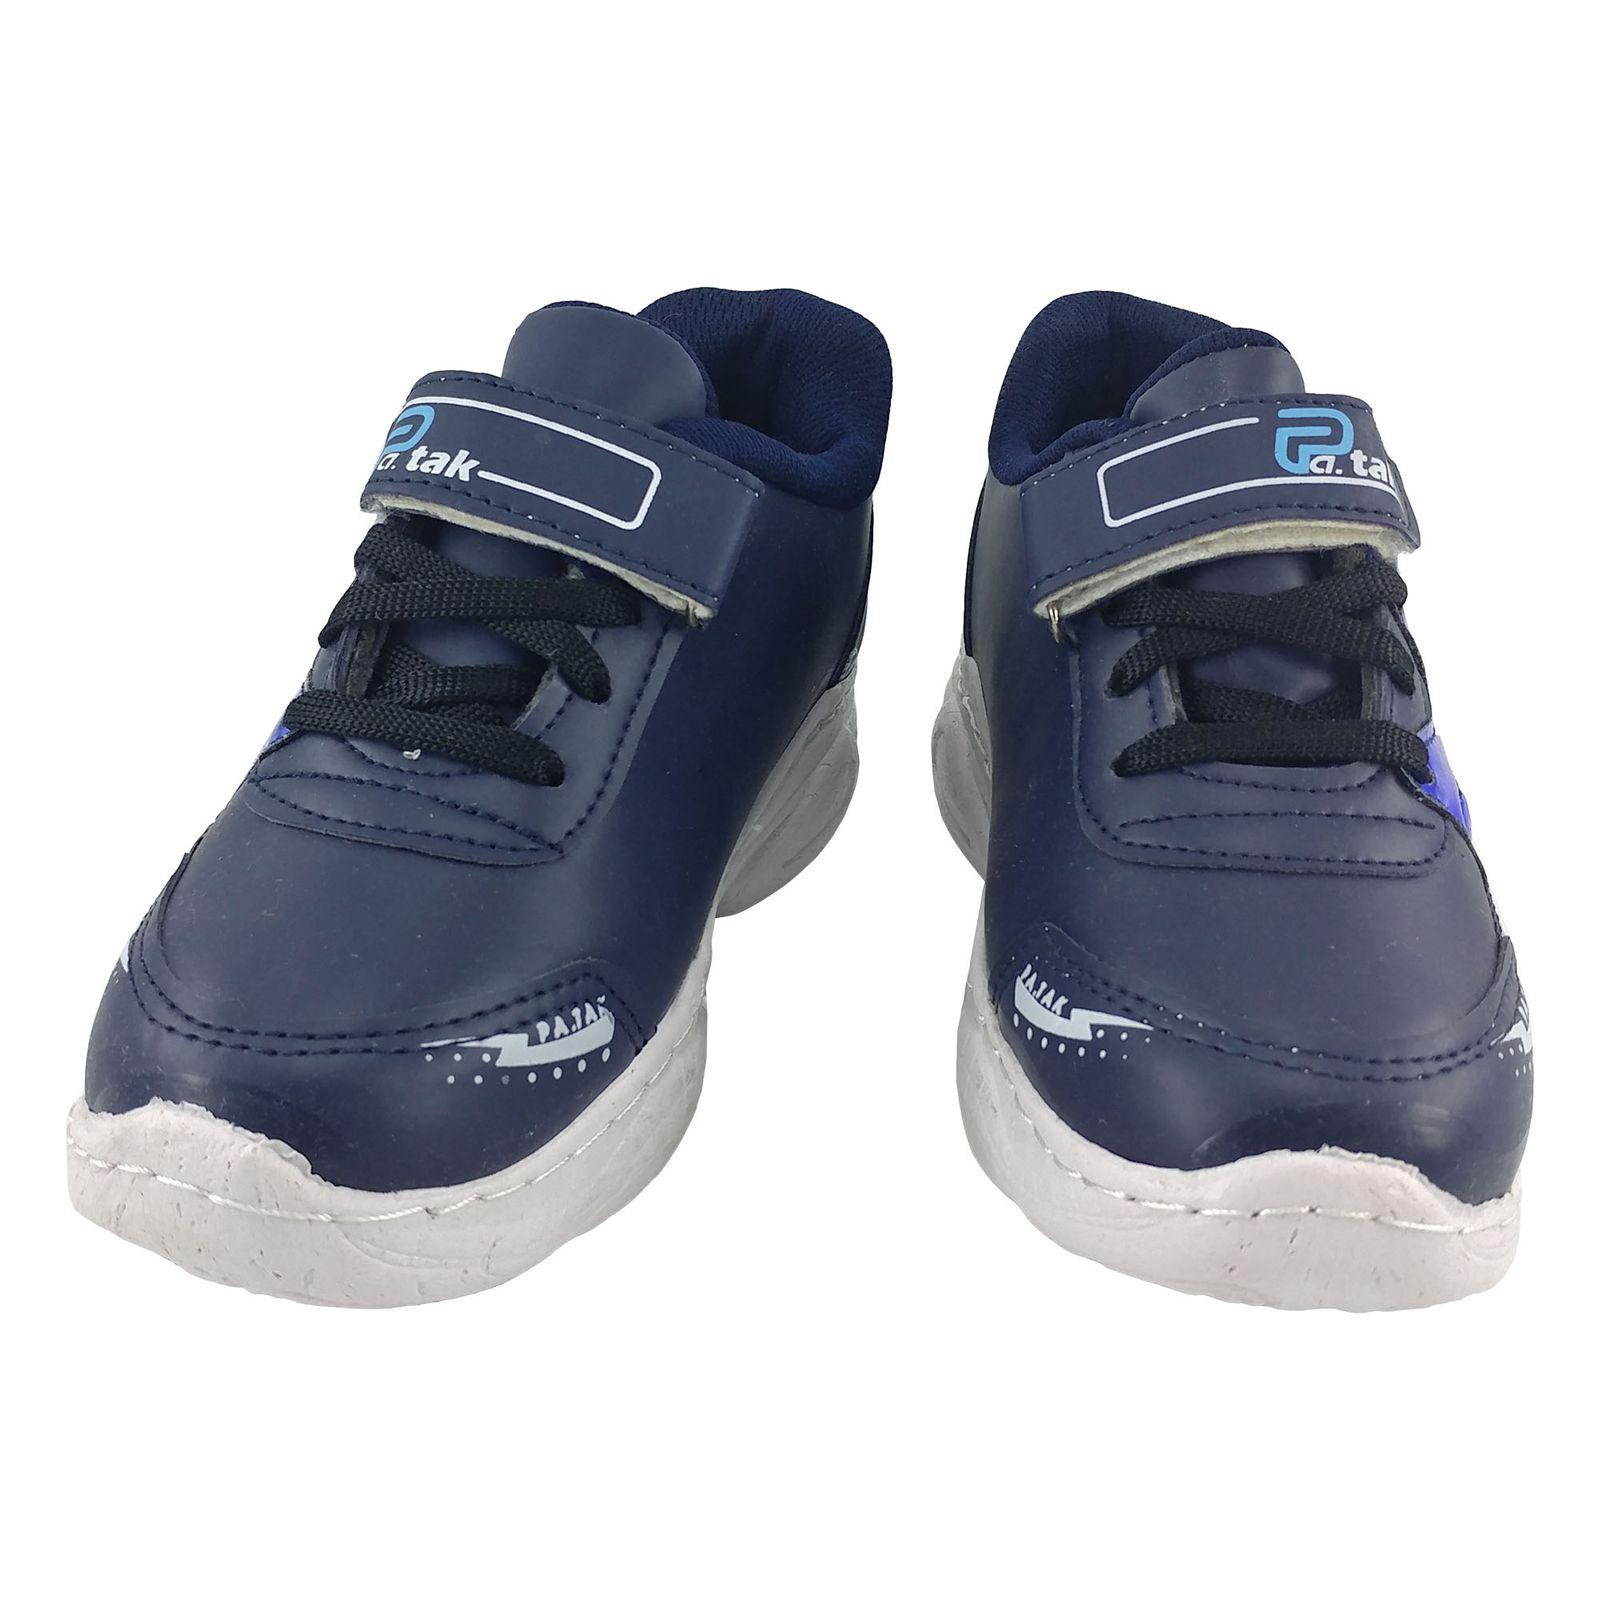 کفش راحتی بچگانه مدل bhs -  - 5